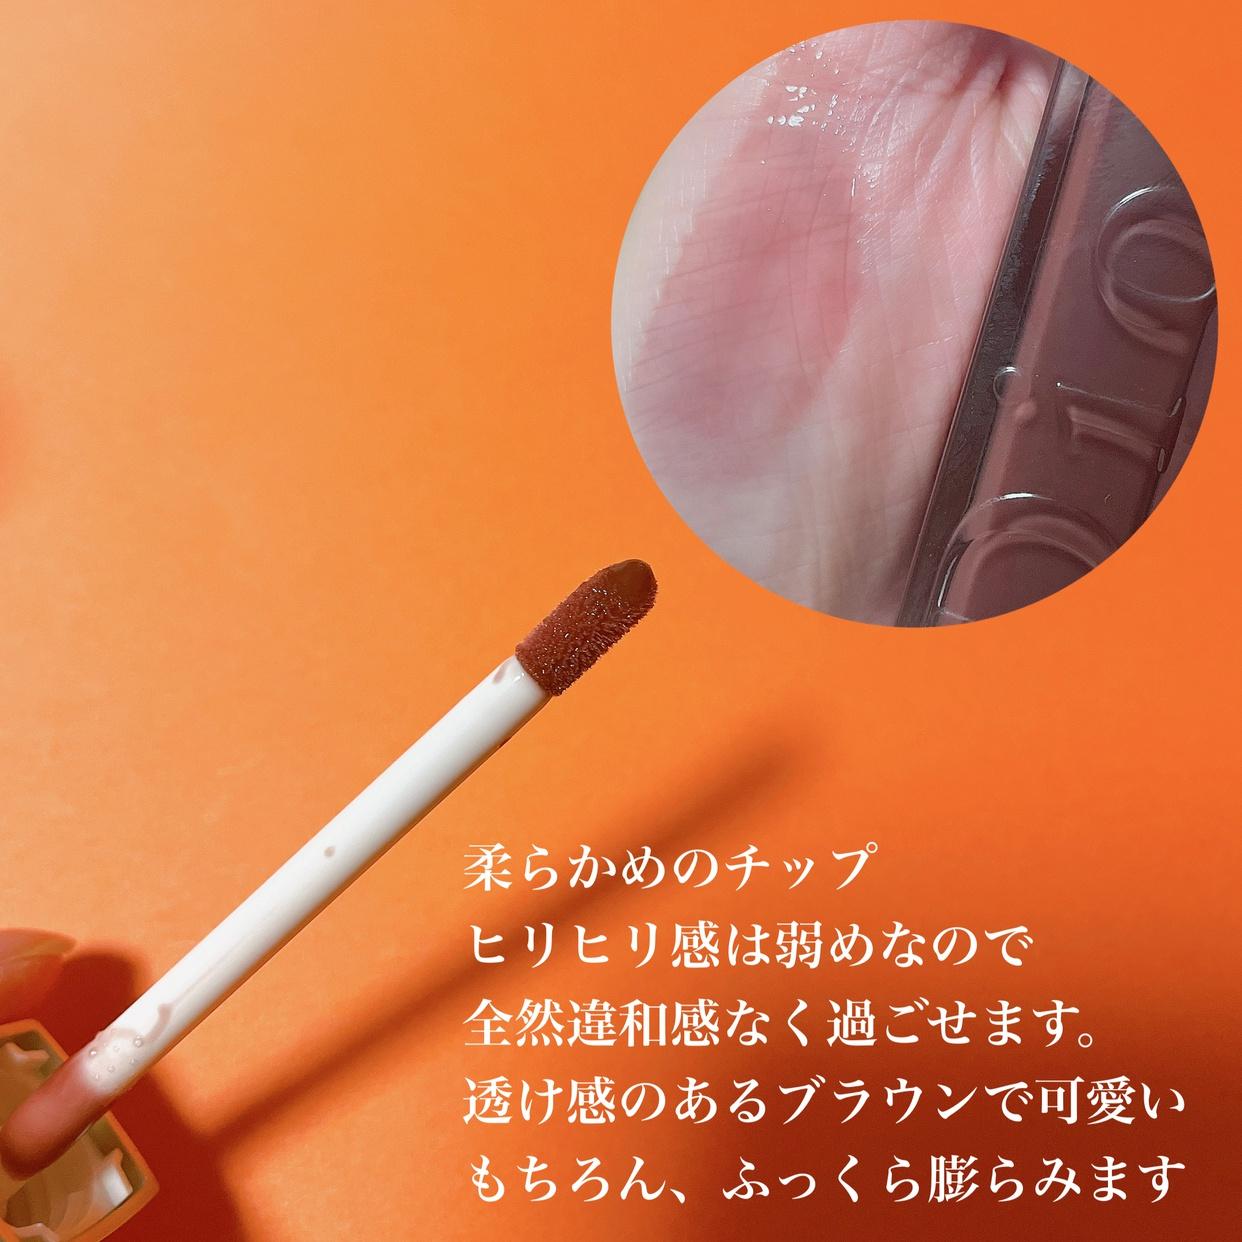 Dior(ディオール)アディクト リップ マキシマイザーを使ったここあさんのクチコミ画像3